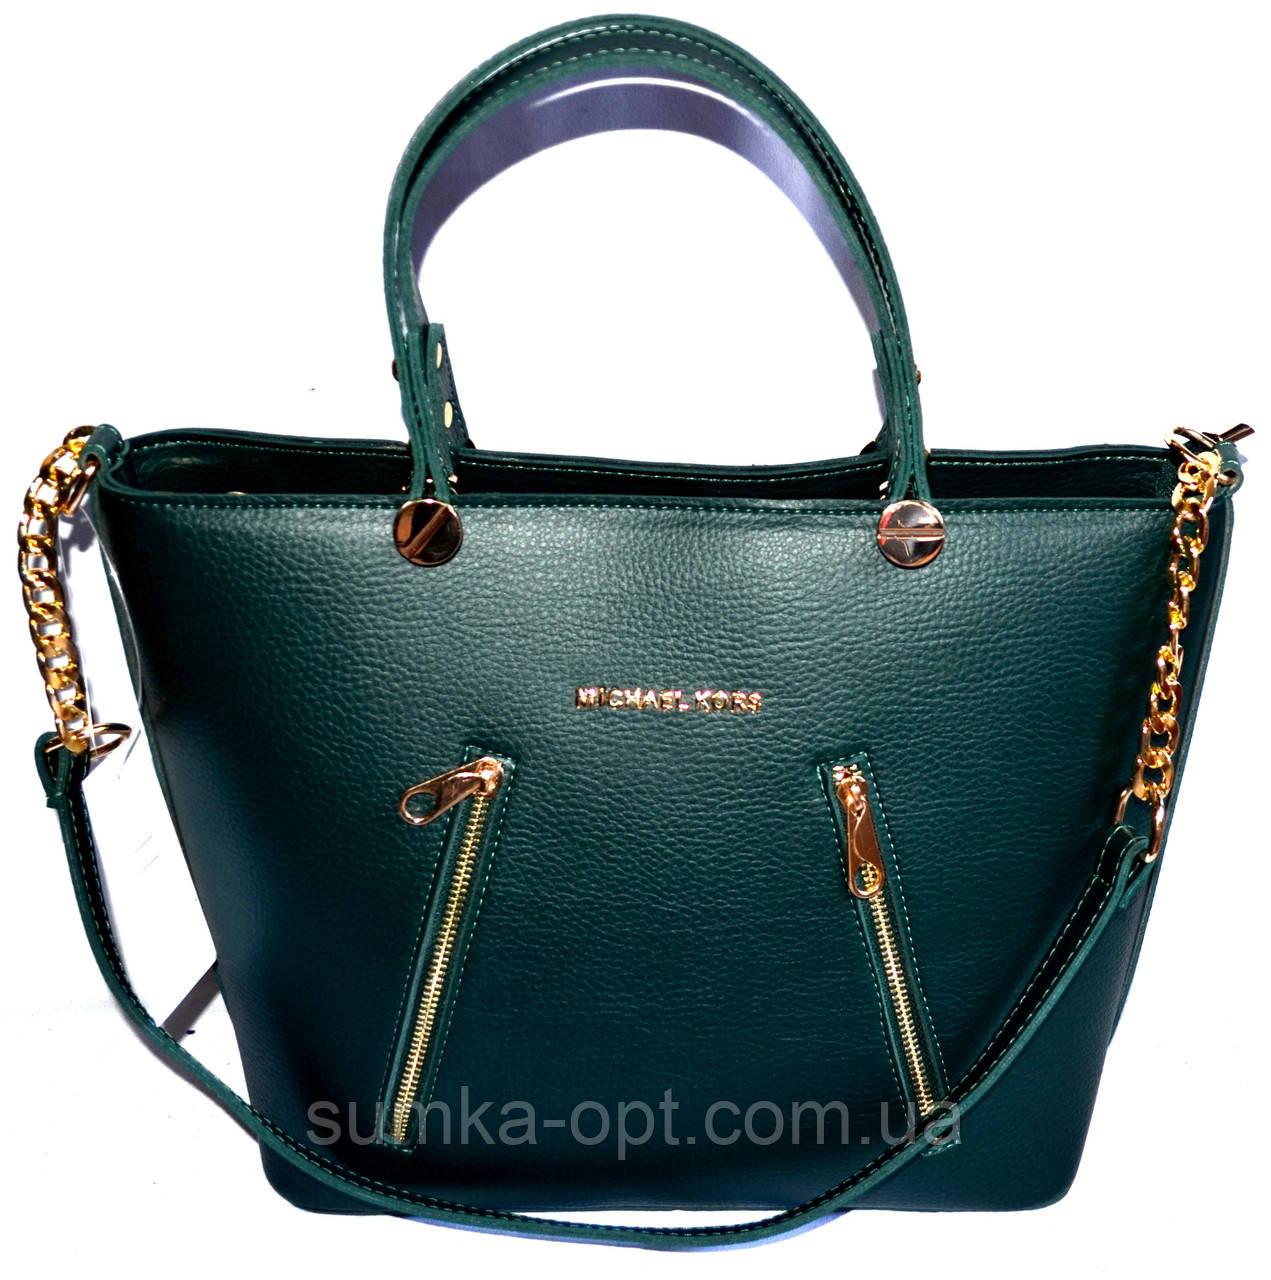 ea76b76b831e Женские модные сумки с длинным ремешком Zara\МК (зеленый)27*35см ...